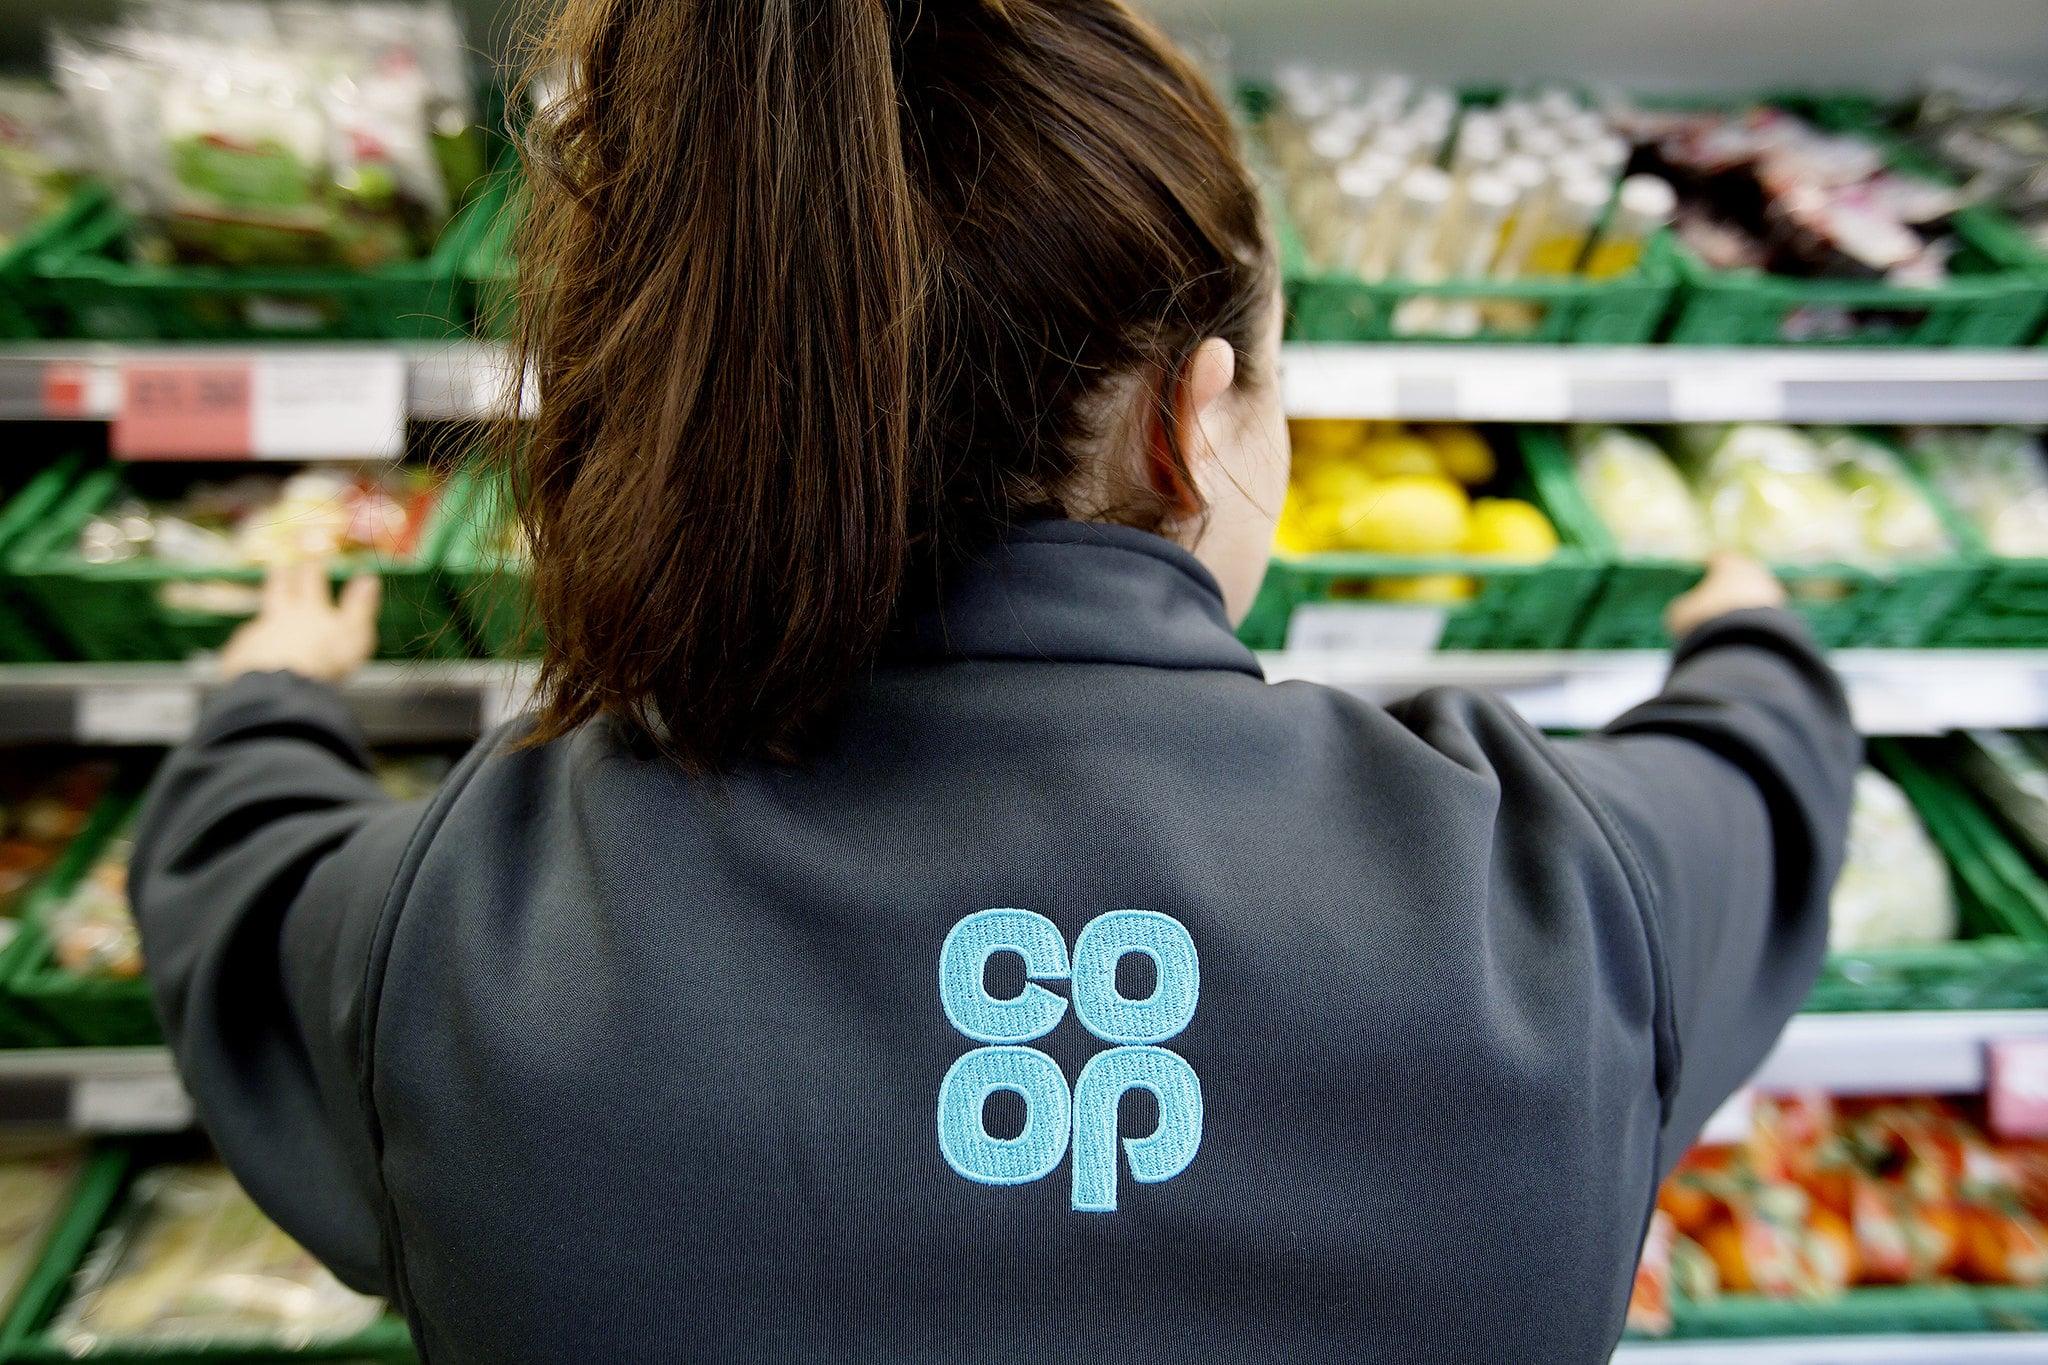 Coop store worker